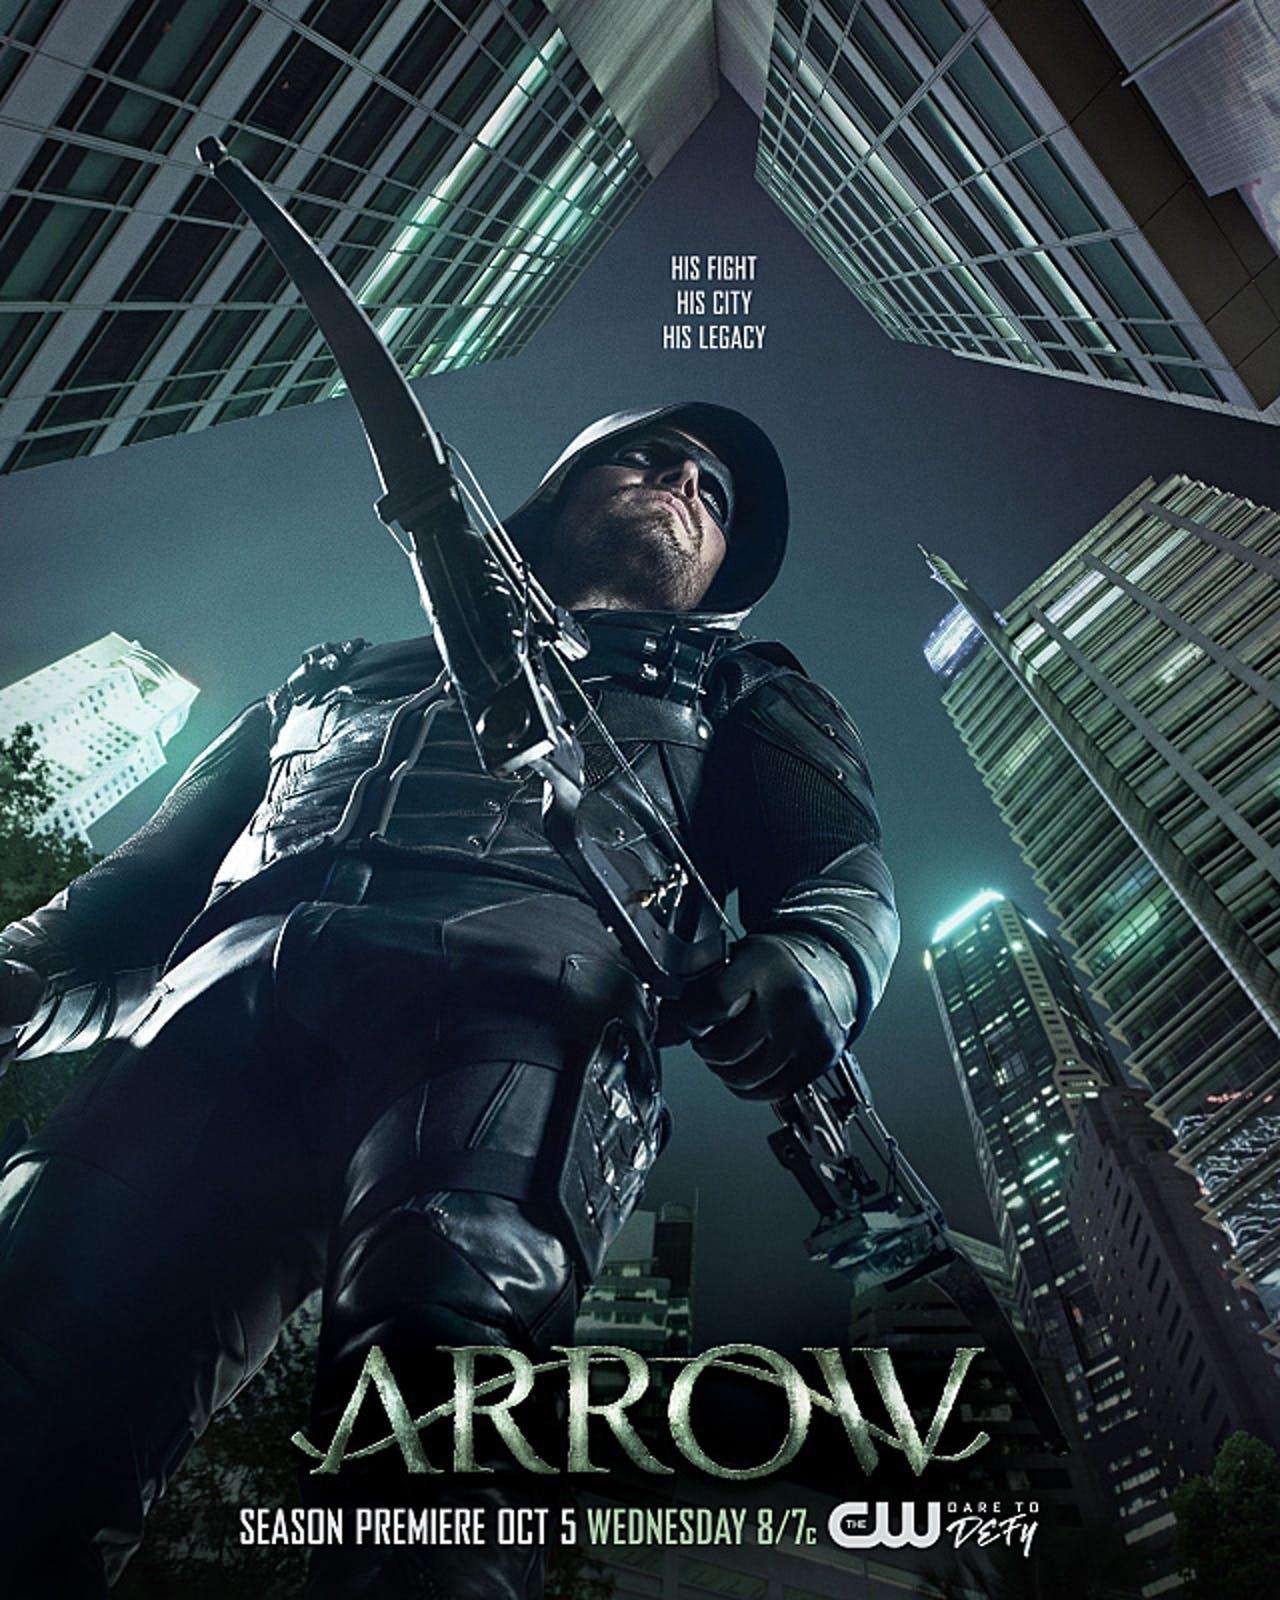 Arrow season 5 (2016)